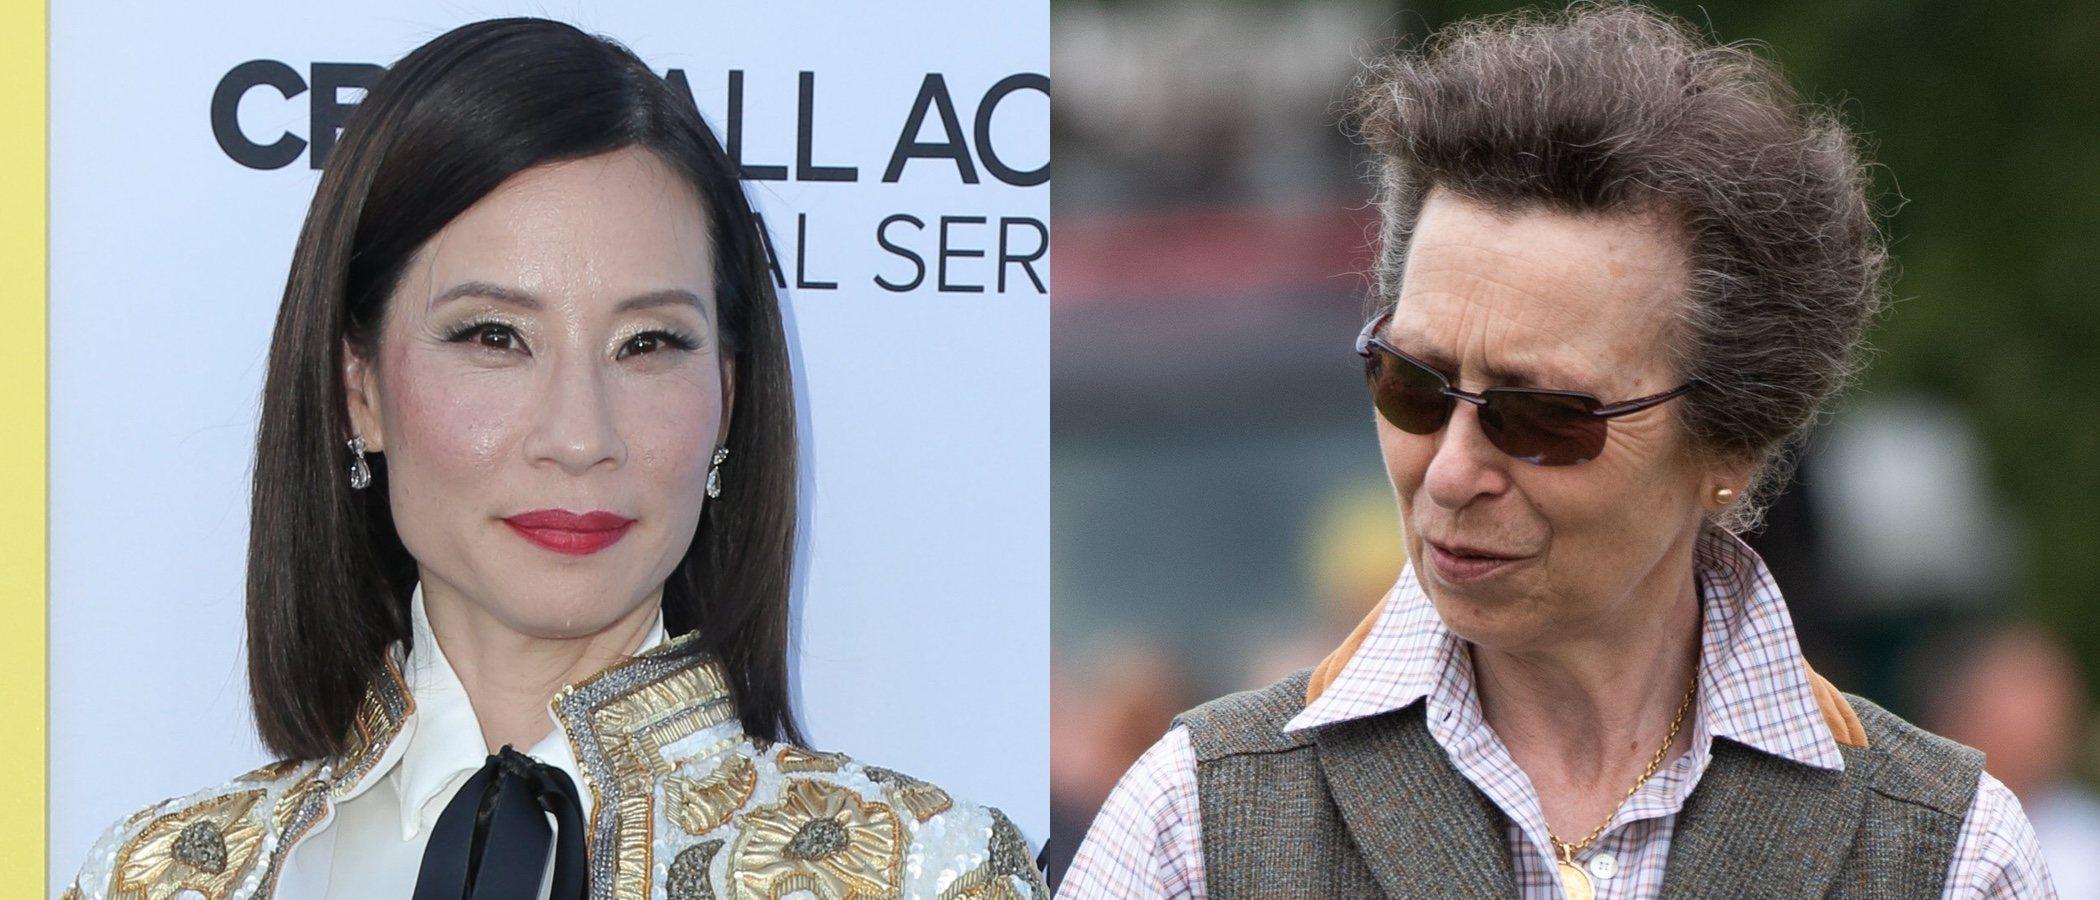 La Princesa Ana de Inglaterra y Lucy Liu se coronan como los peores beauty looks de la semana